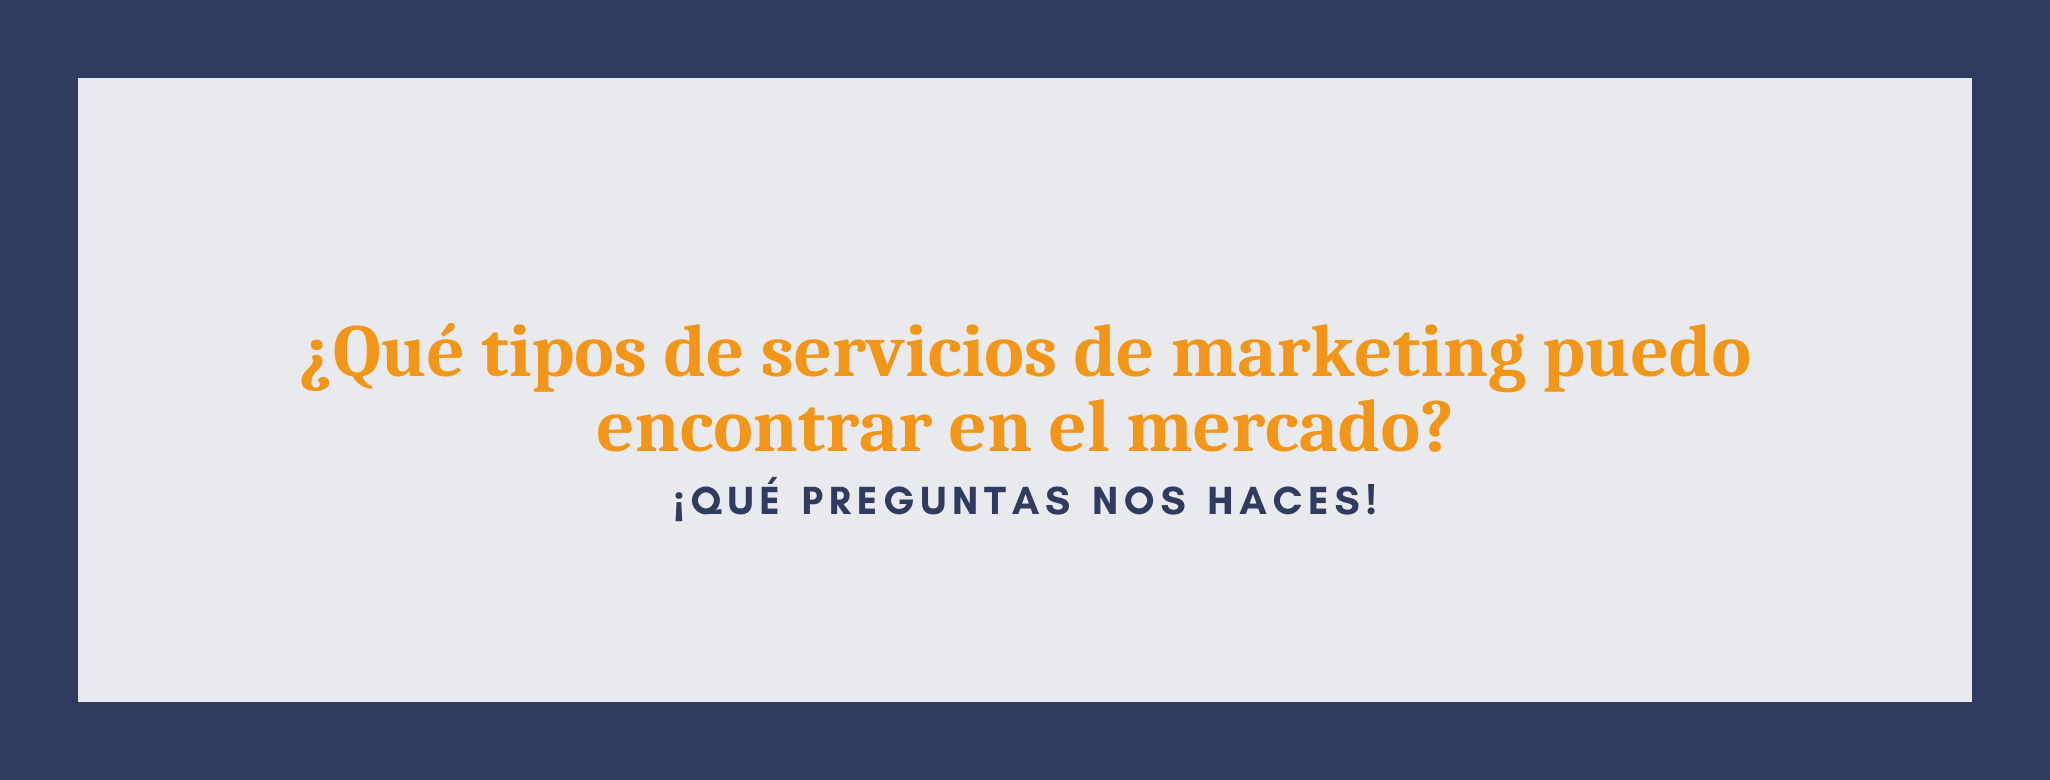 ¿Qué servicios de marketing puedo encontrar en el mercado?